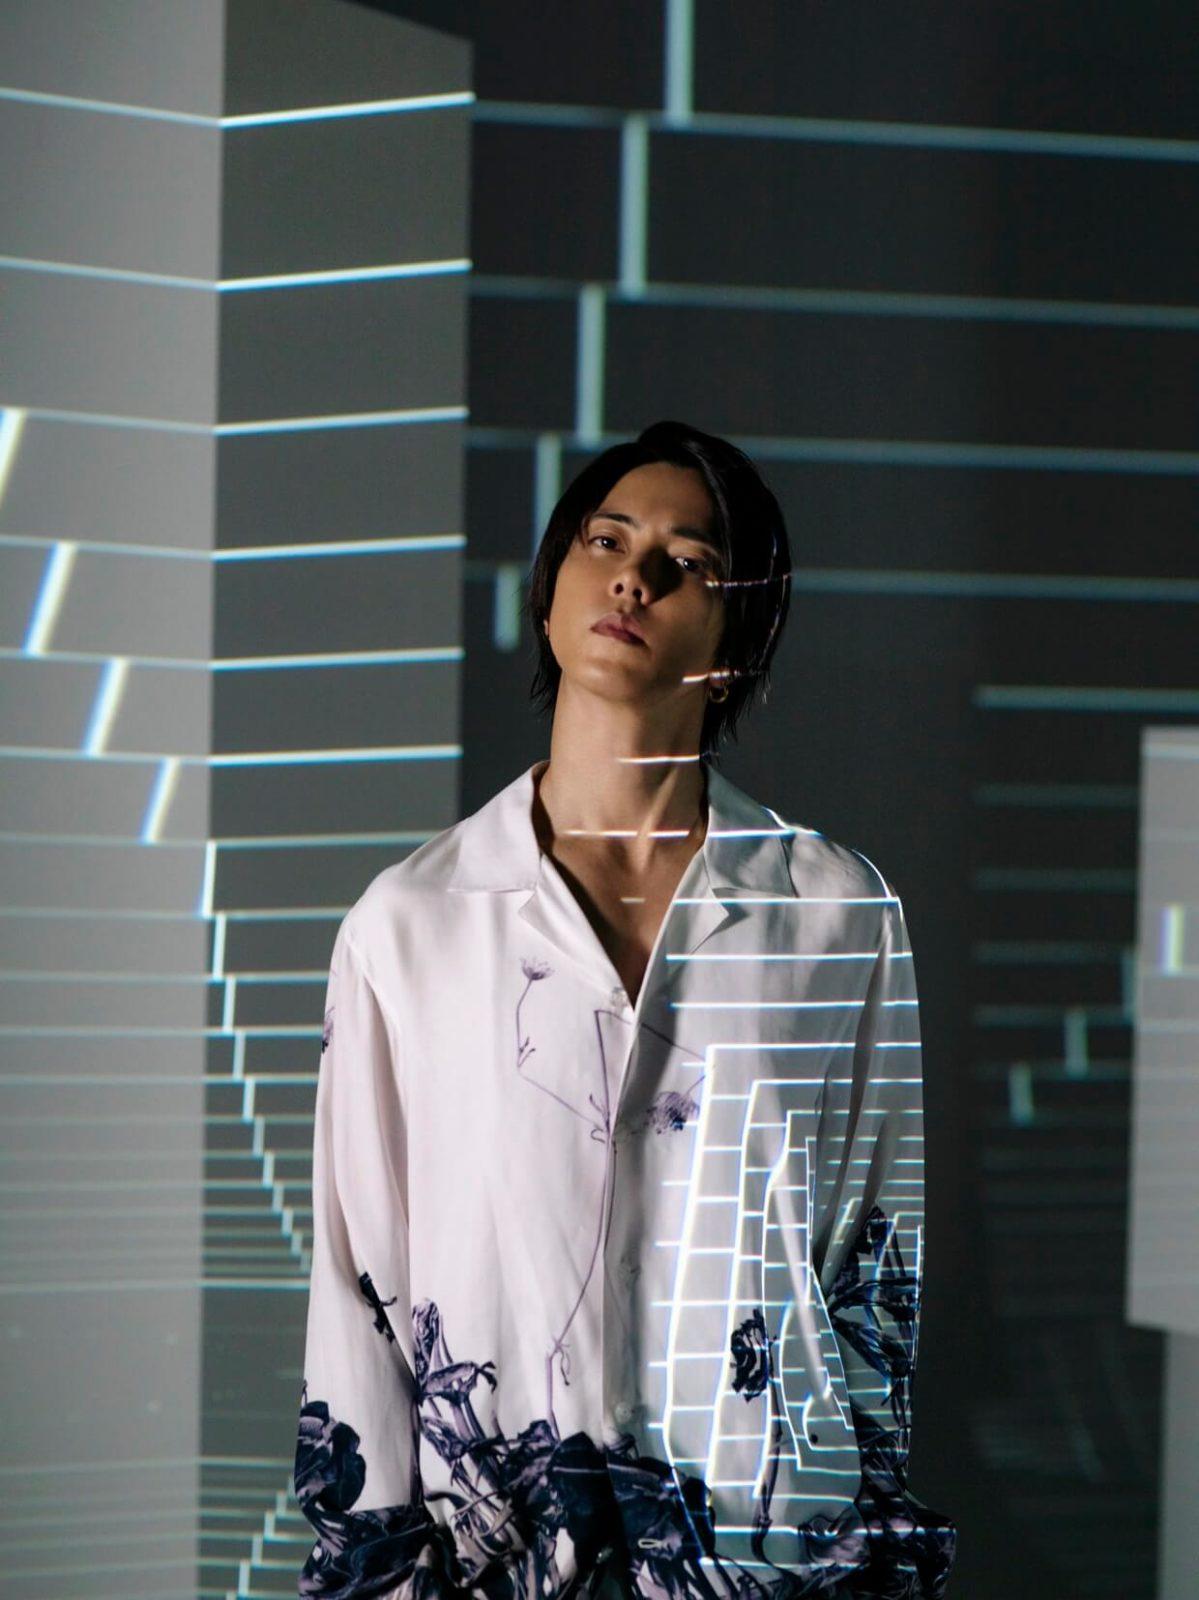 山下智久、主演ドラマ『インハンド』のオープニング曲が発売決定サムネイル画像